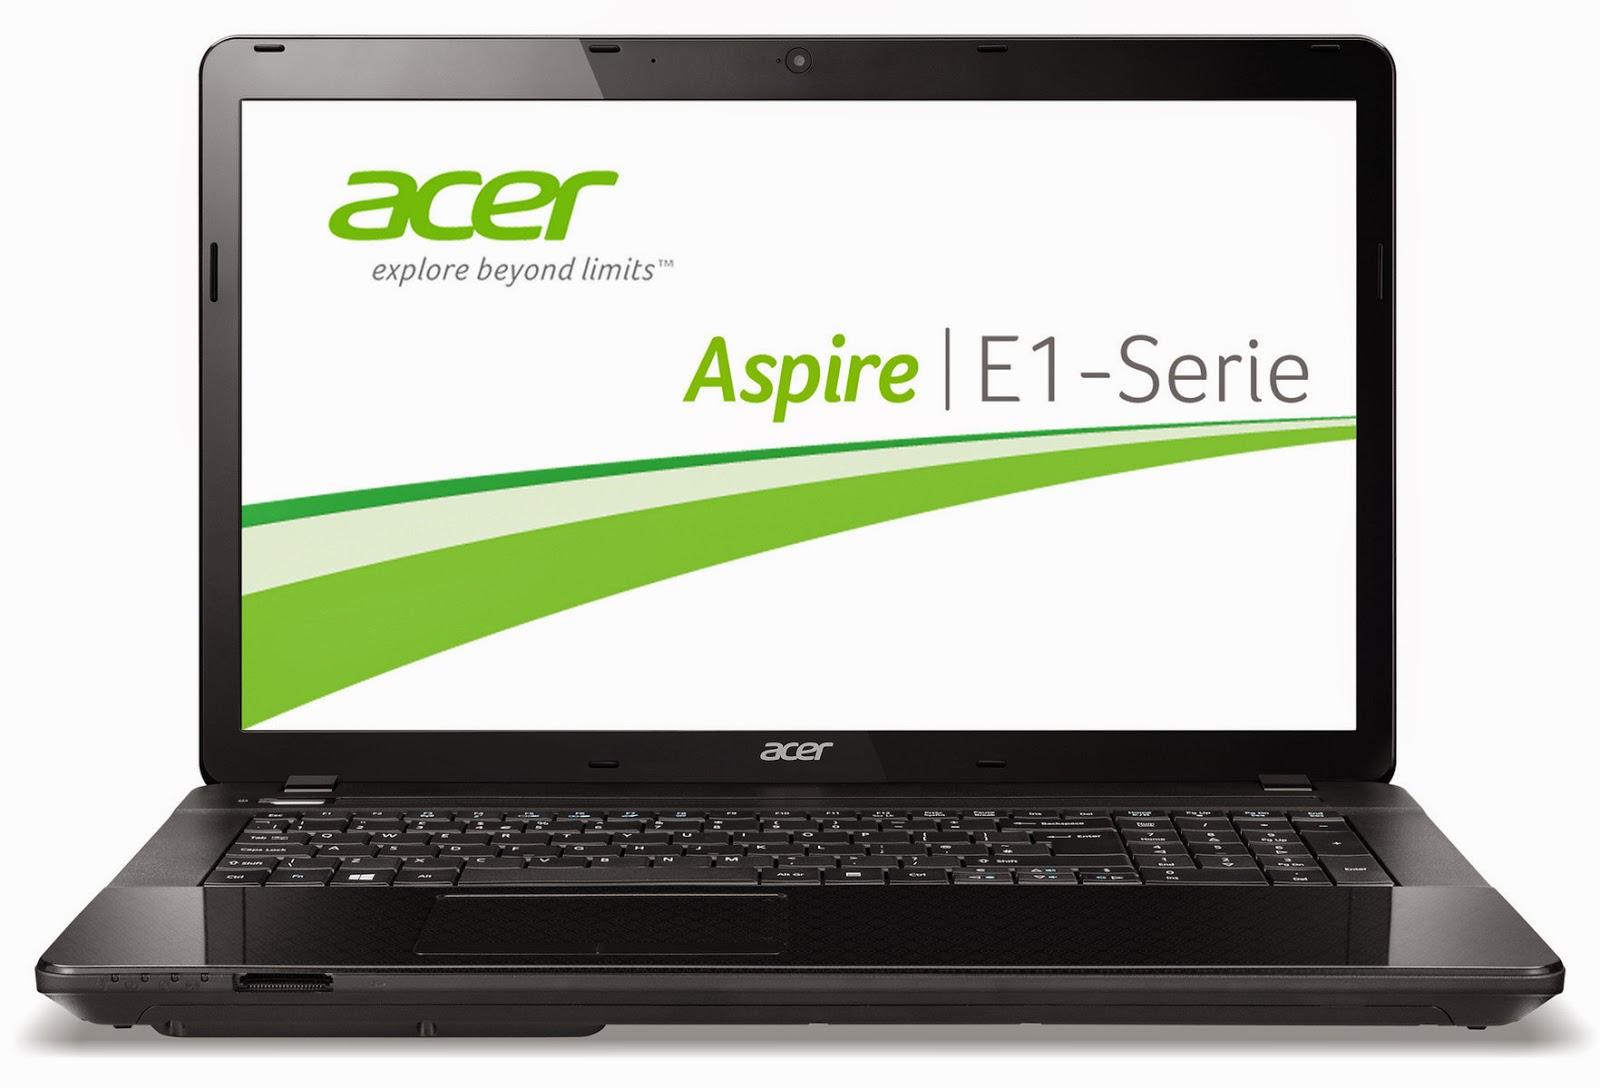 ACER ASPIRE E1-771 REALTEK CARD READER DRIVERS FOR WINDOWS DOWNLOAD